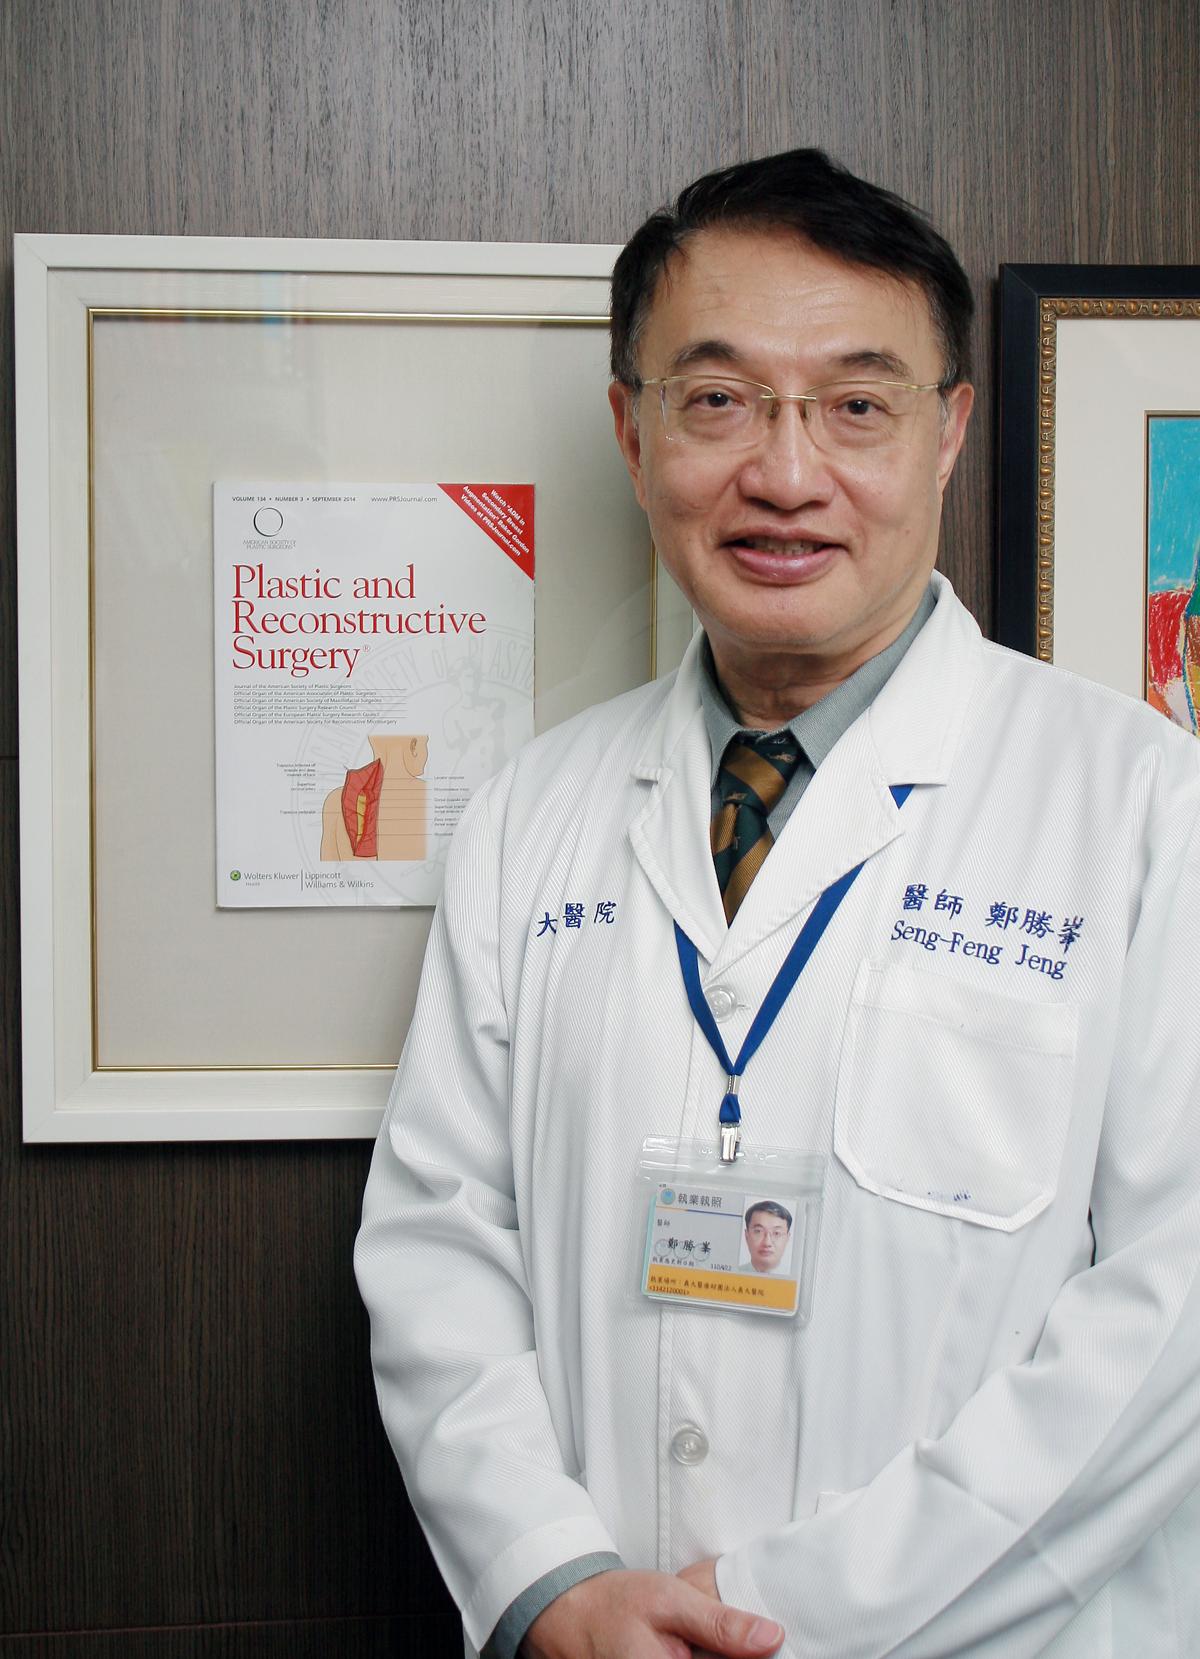 團隊鄭勝峯教授/副院長(整形外科)